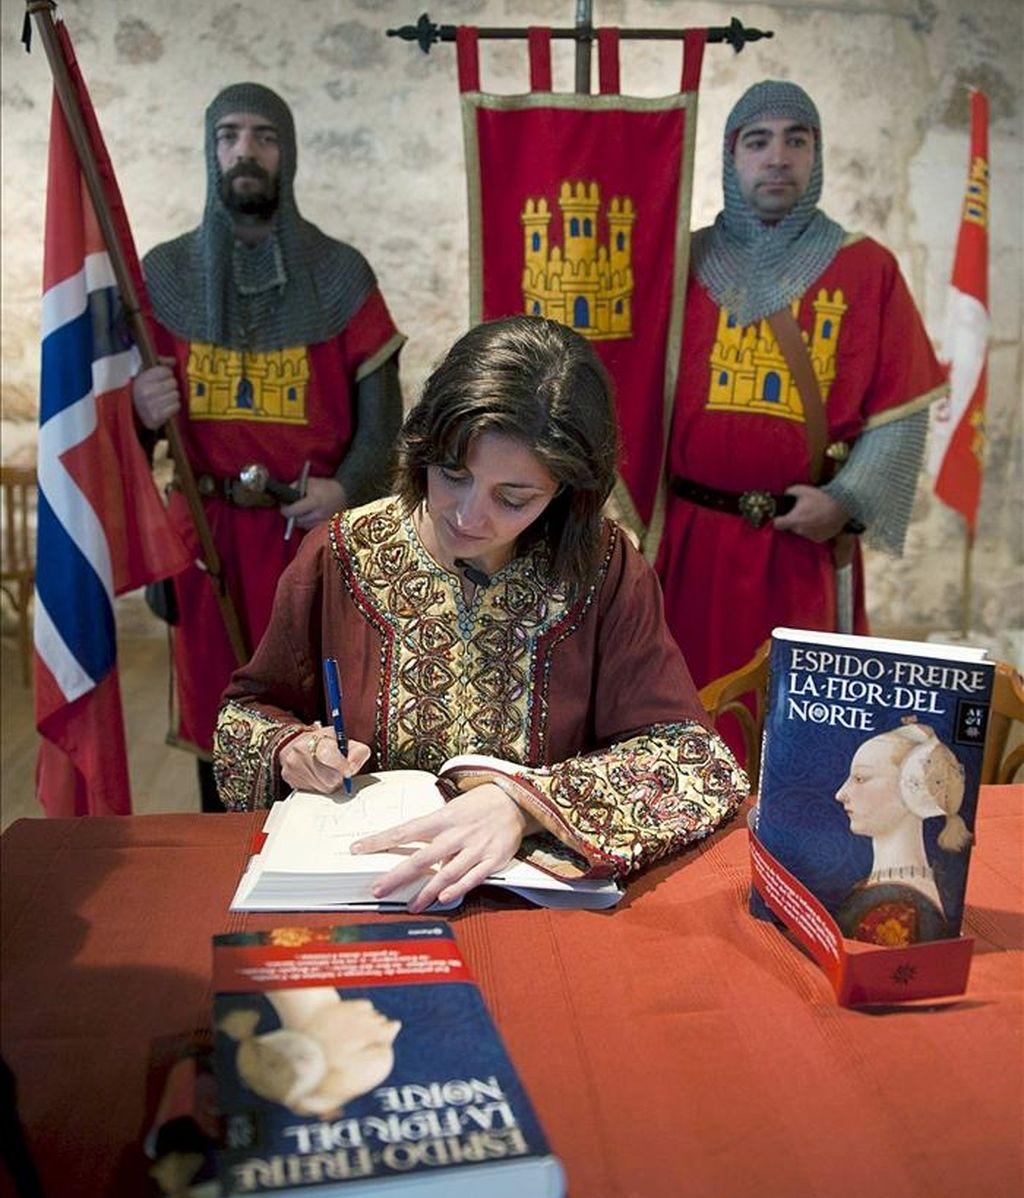 La escritora Espido Freire firma un ejemplar durante la presentación de su novela 'La flor del Norte', una biografía sobre la princesa Cristina de Noruega que fue enterrada en Covarrubias. EFE